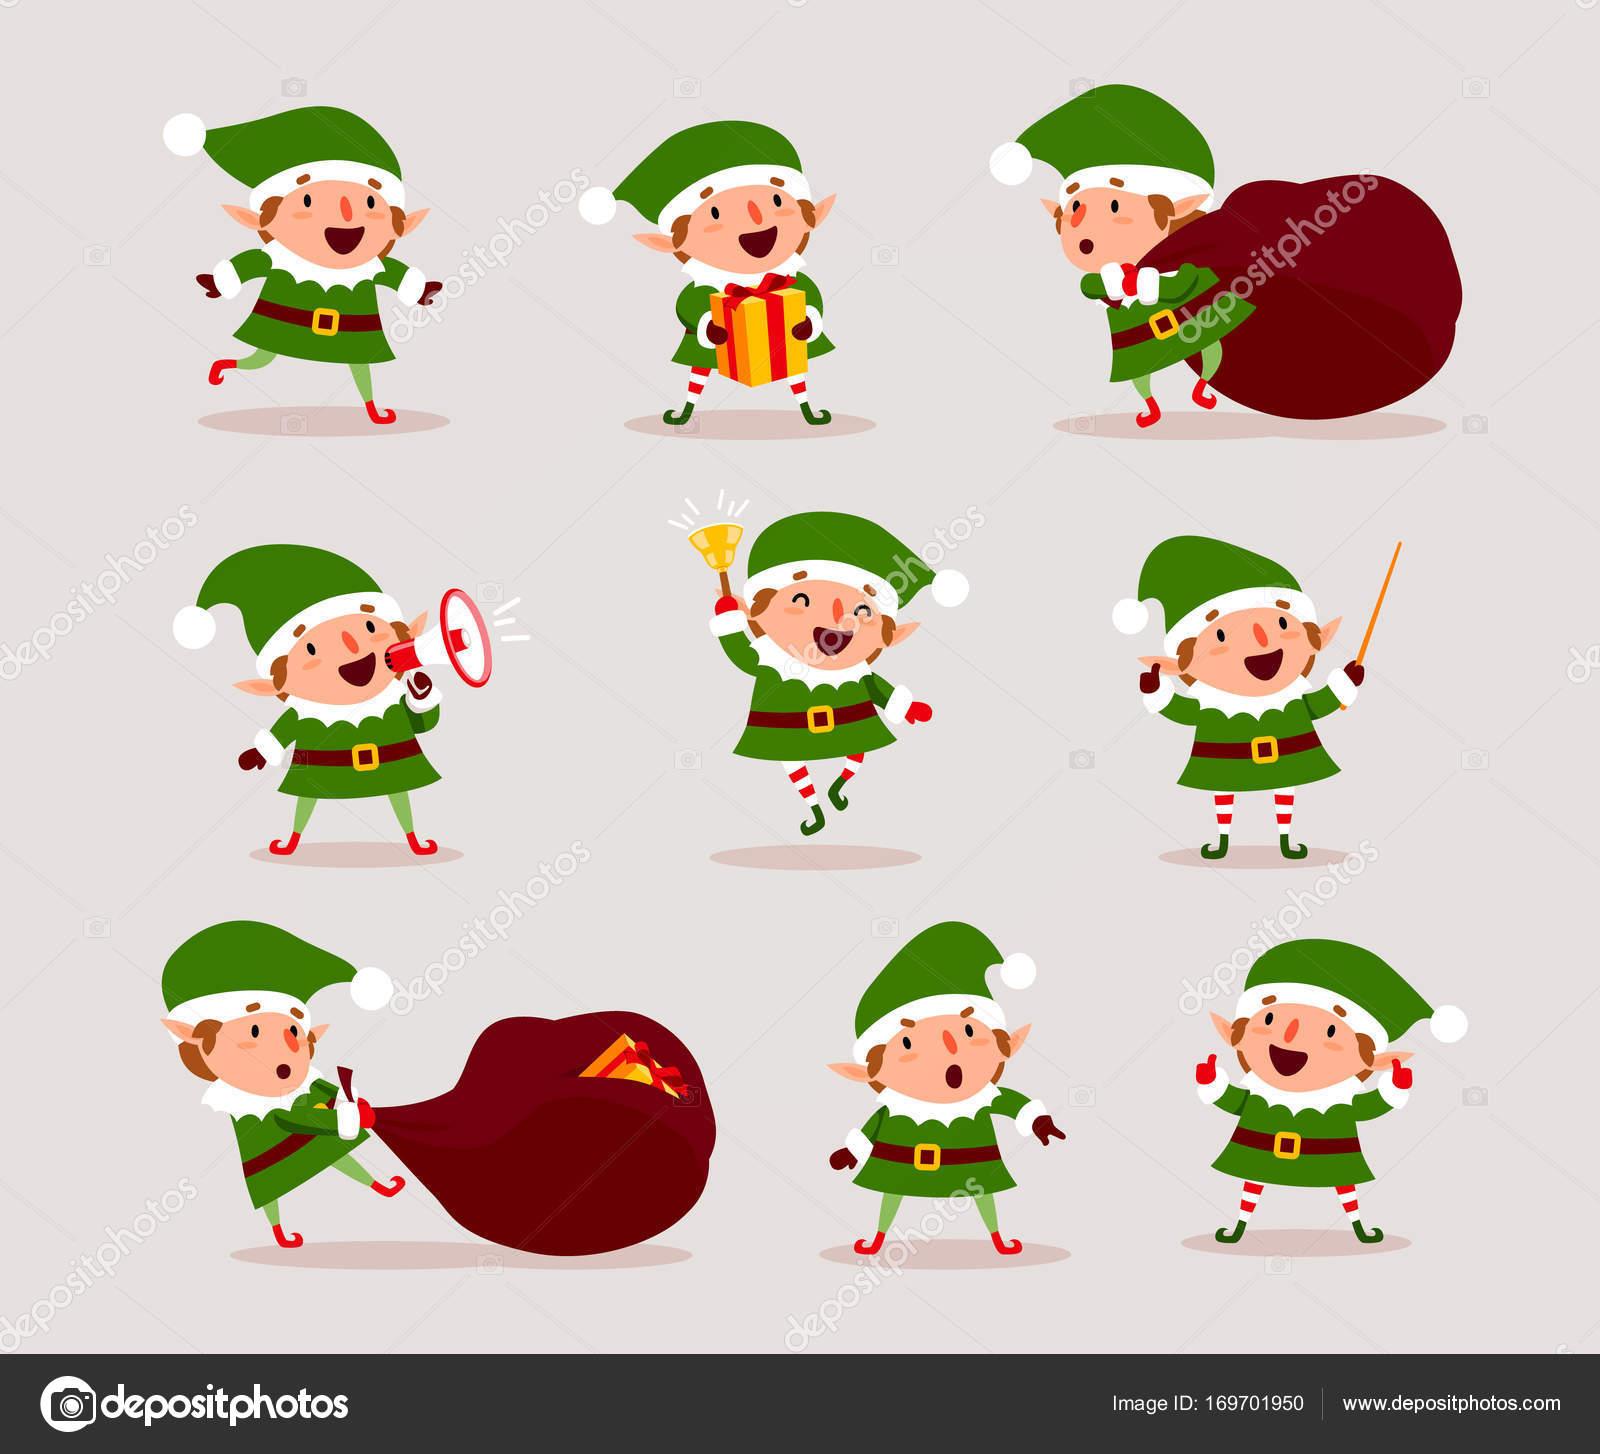 Foto Carine Di Natale.Set Di Elfi Svegli Di Natale Giocosi Raccolta Di Carine